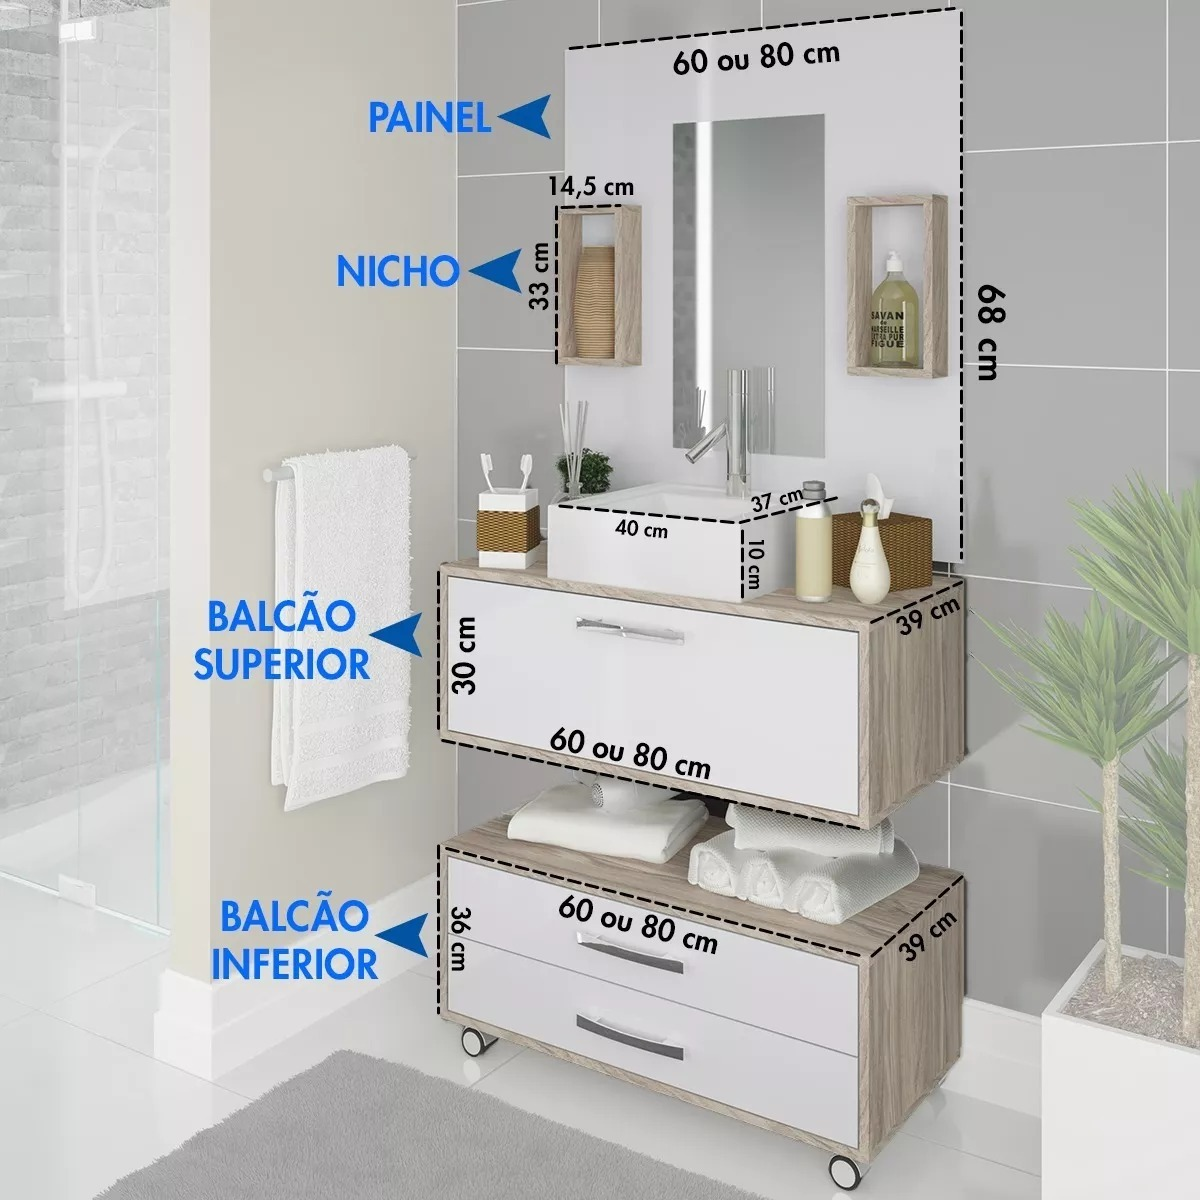 Gabinete Balcão Armário Banheiro C Cuba Painel Frete Grátis